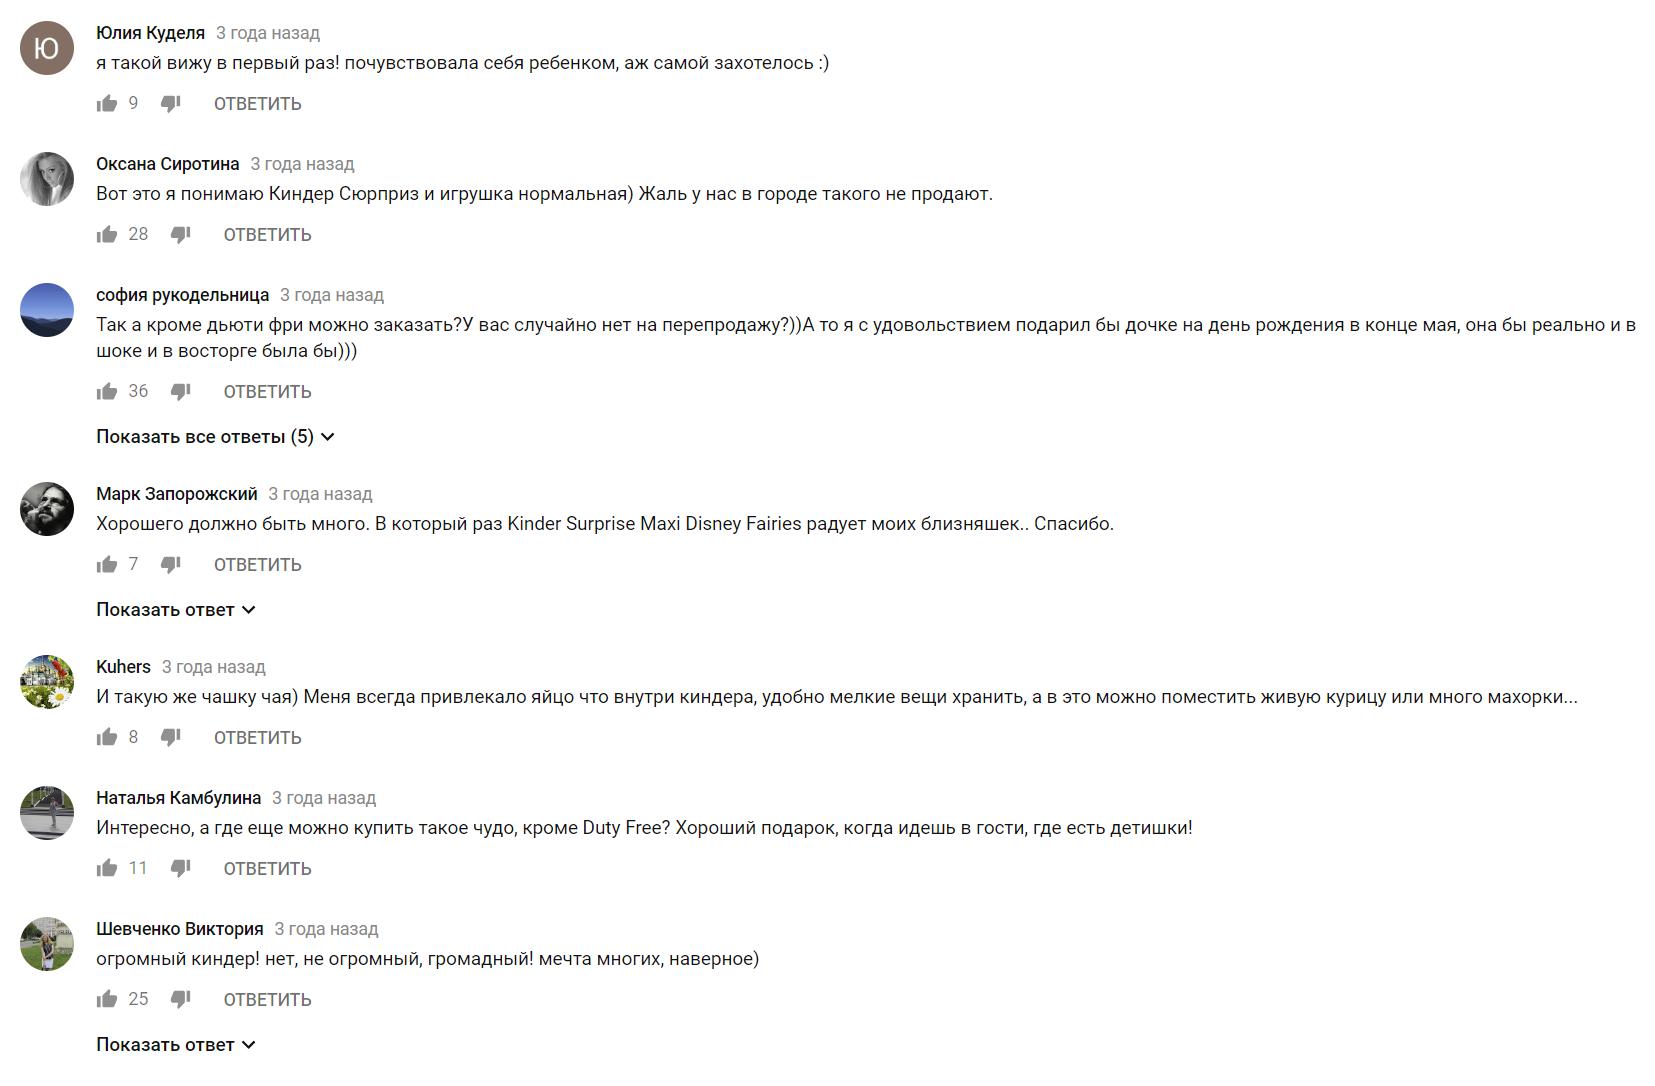 Как находить ботов на ютубе: внешние паттерны взаимодействия комментаторов - 8